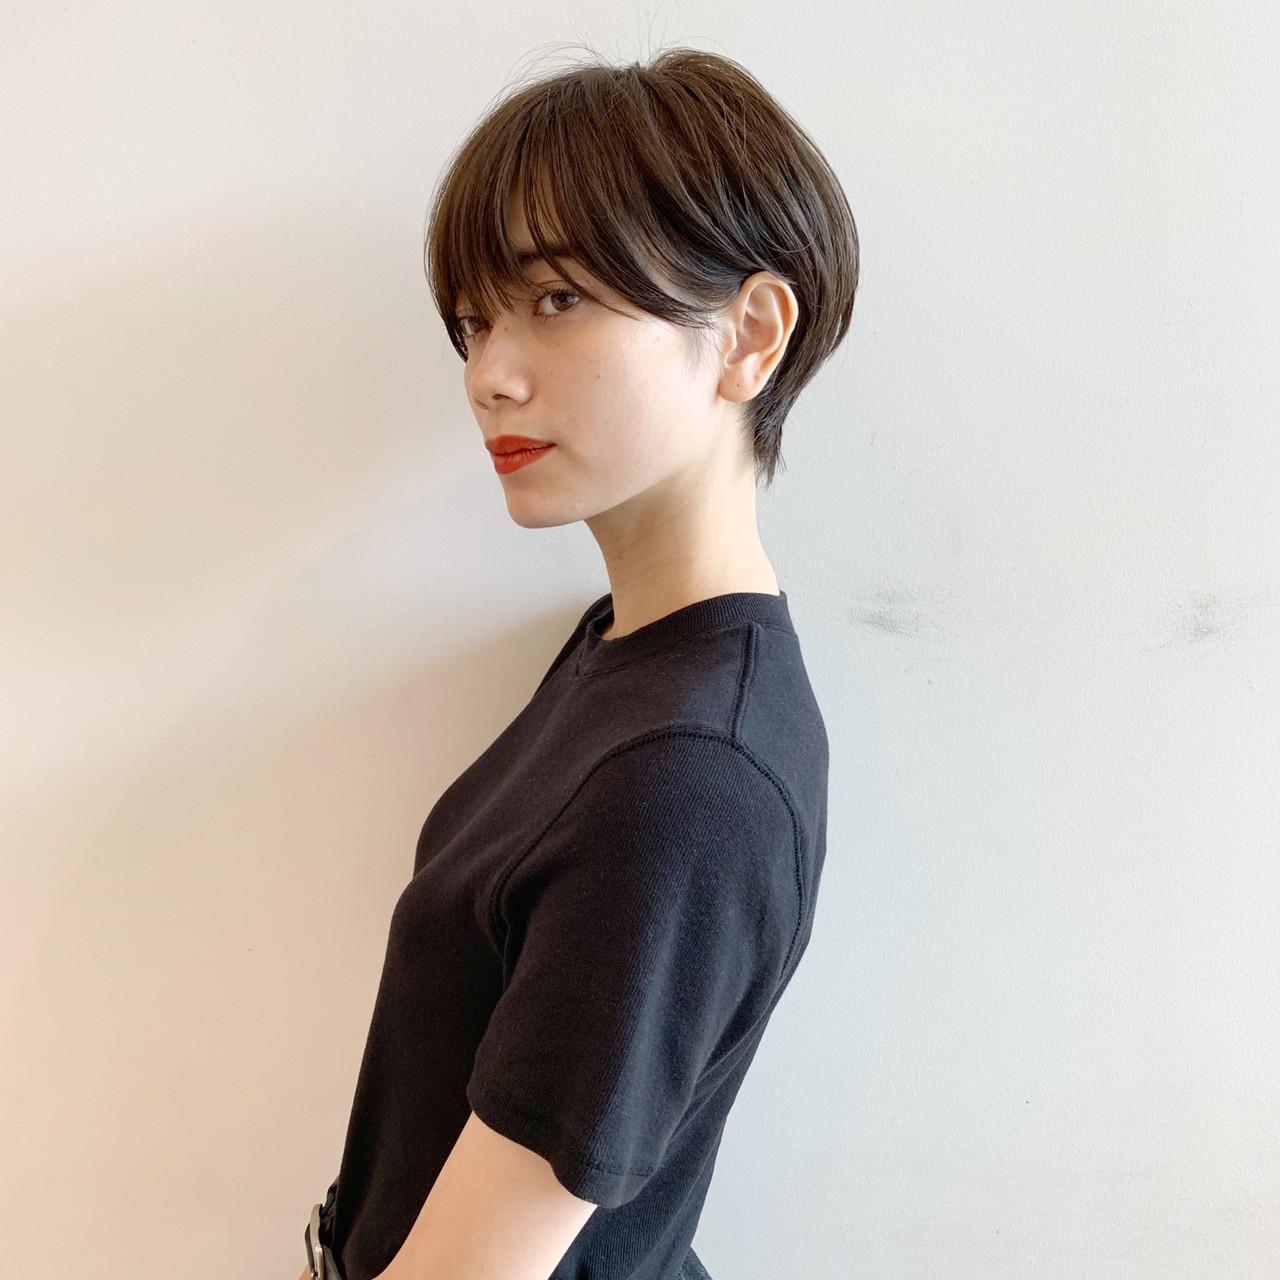 デート モード ショート 黒髪 ヘアスタイルや髪型の写真・画像 | ショートヘア美容師 #ナカイヒロキ / 『send by HAIR』